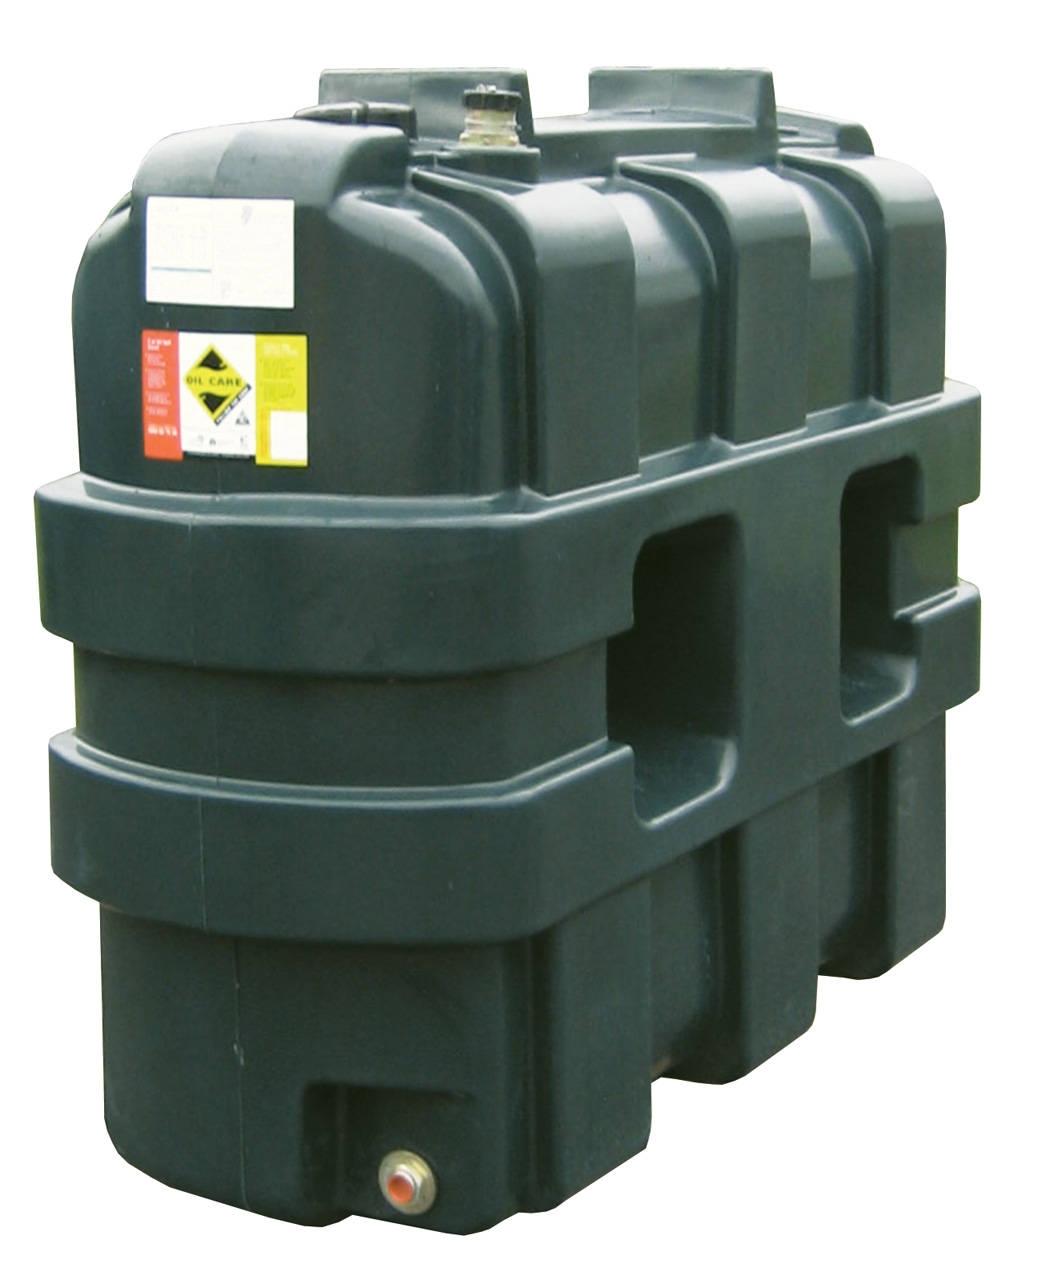 Plastic Single Skin Oil Tanks